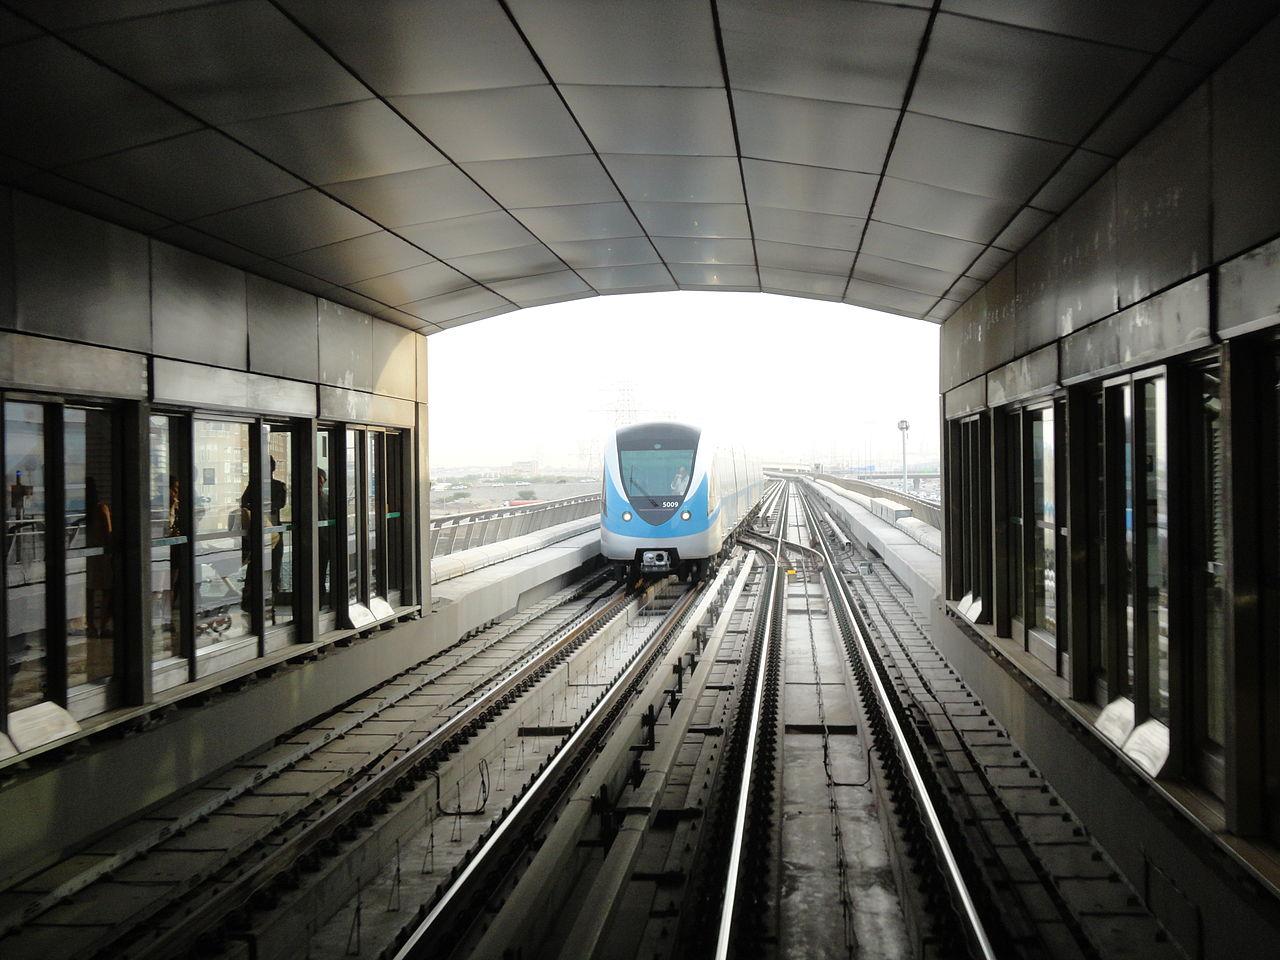 مترو دبى - dubai metro (102)